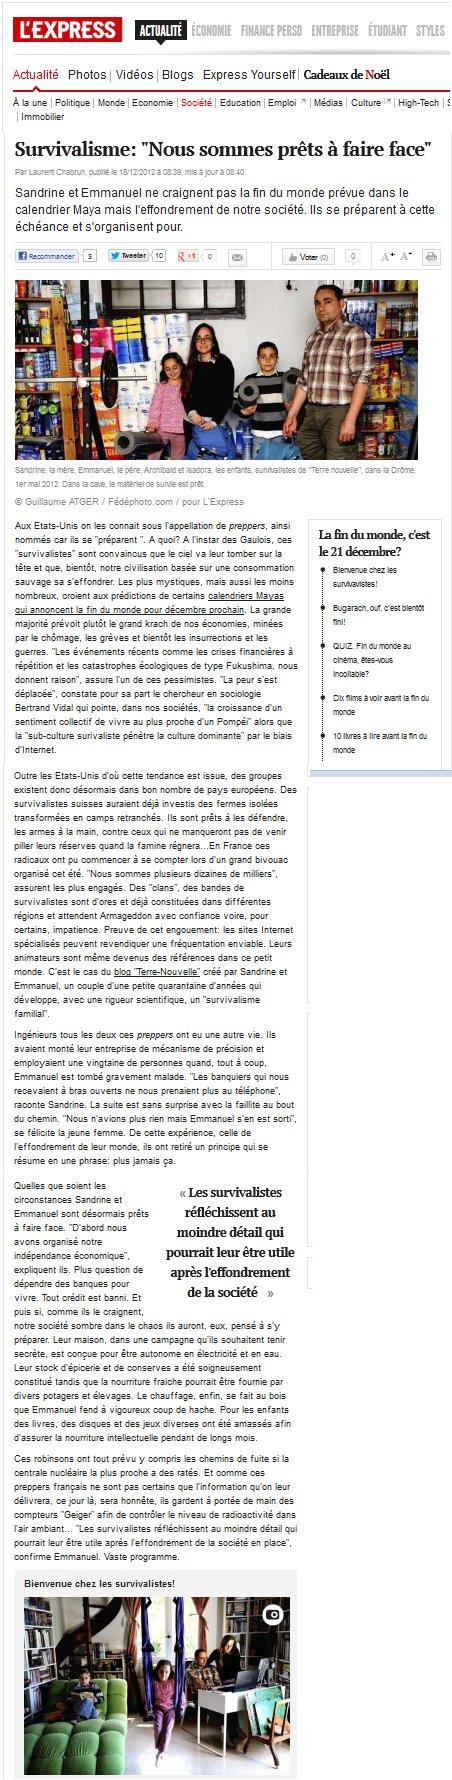 L'Express, 18 décembre 2012, survivalisme, nous sommes prêts à faire face, survivalistes : la famille Terre nouvelle